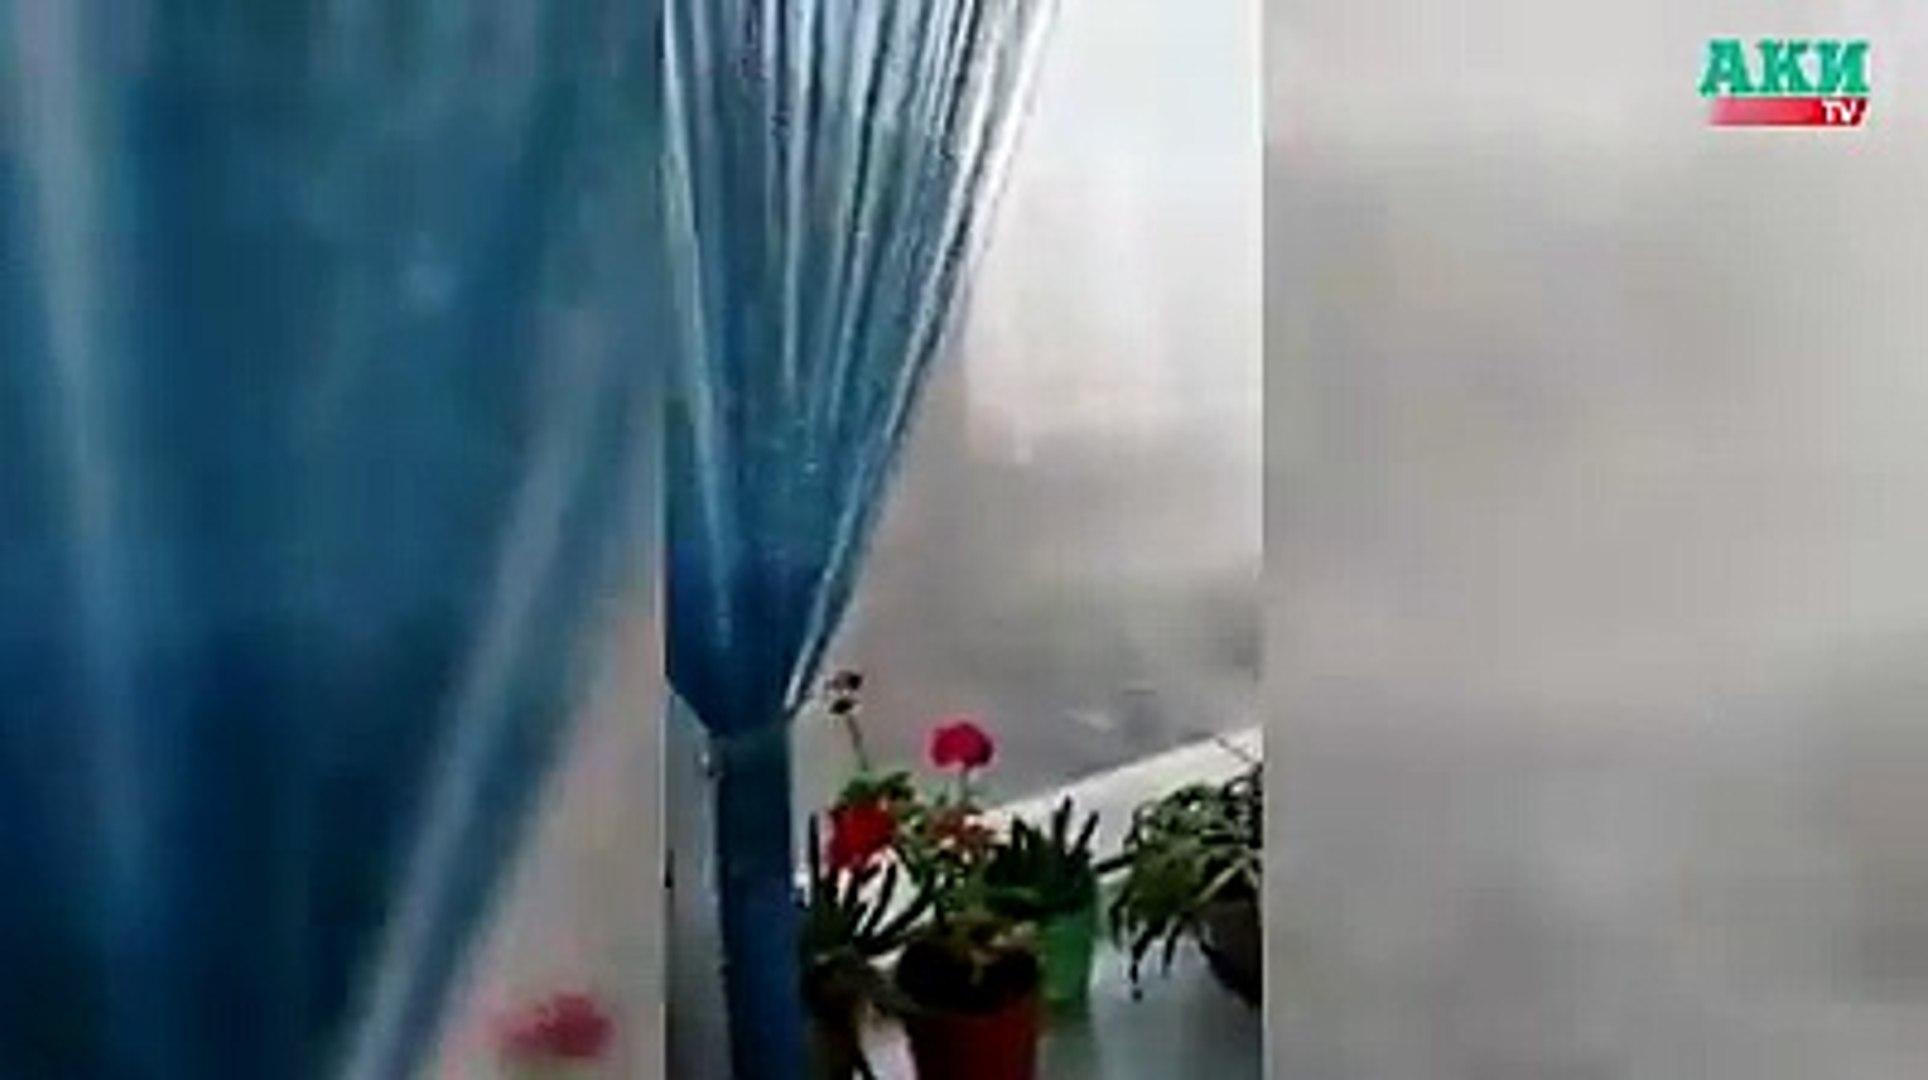 «Репортер» - Вечером 24 апреля в Бишкеке и части Чуйской области поднялся сильный ветер.Из-за ветра создалась угроза падения деревьев, веток и различных конст